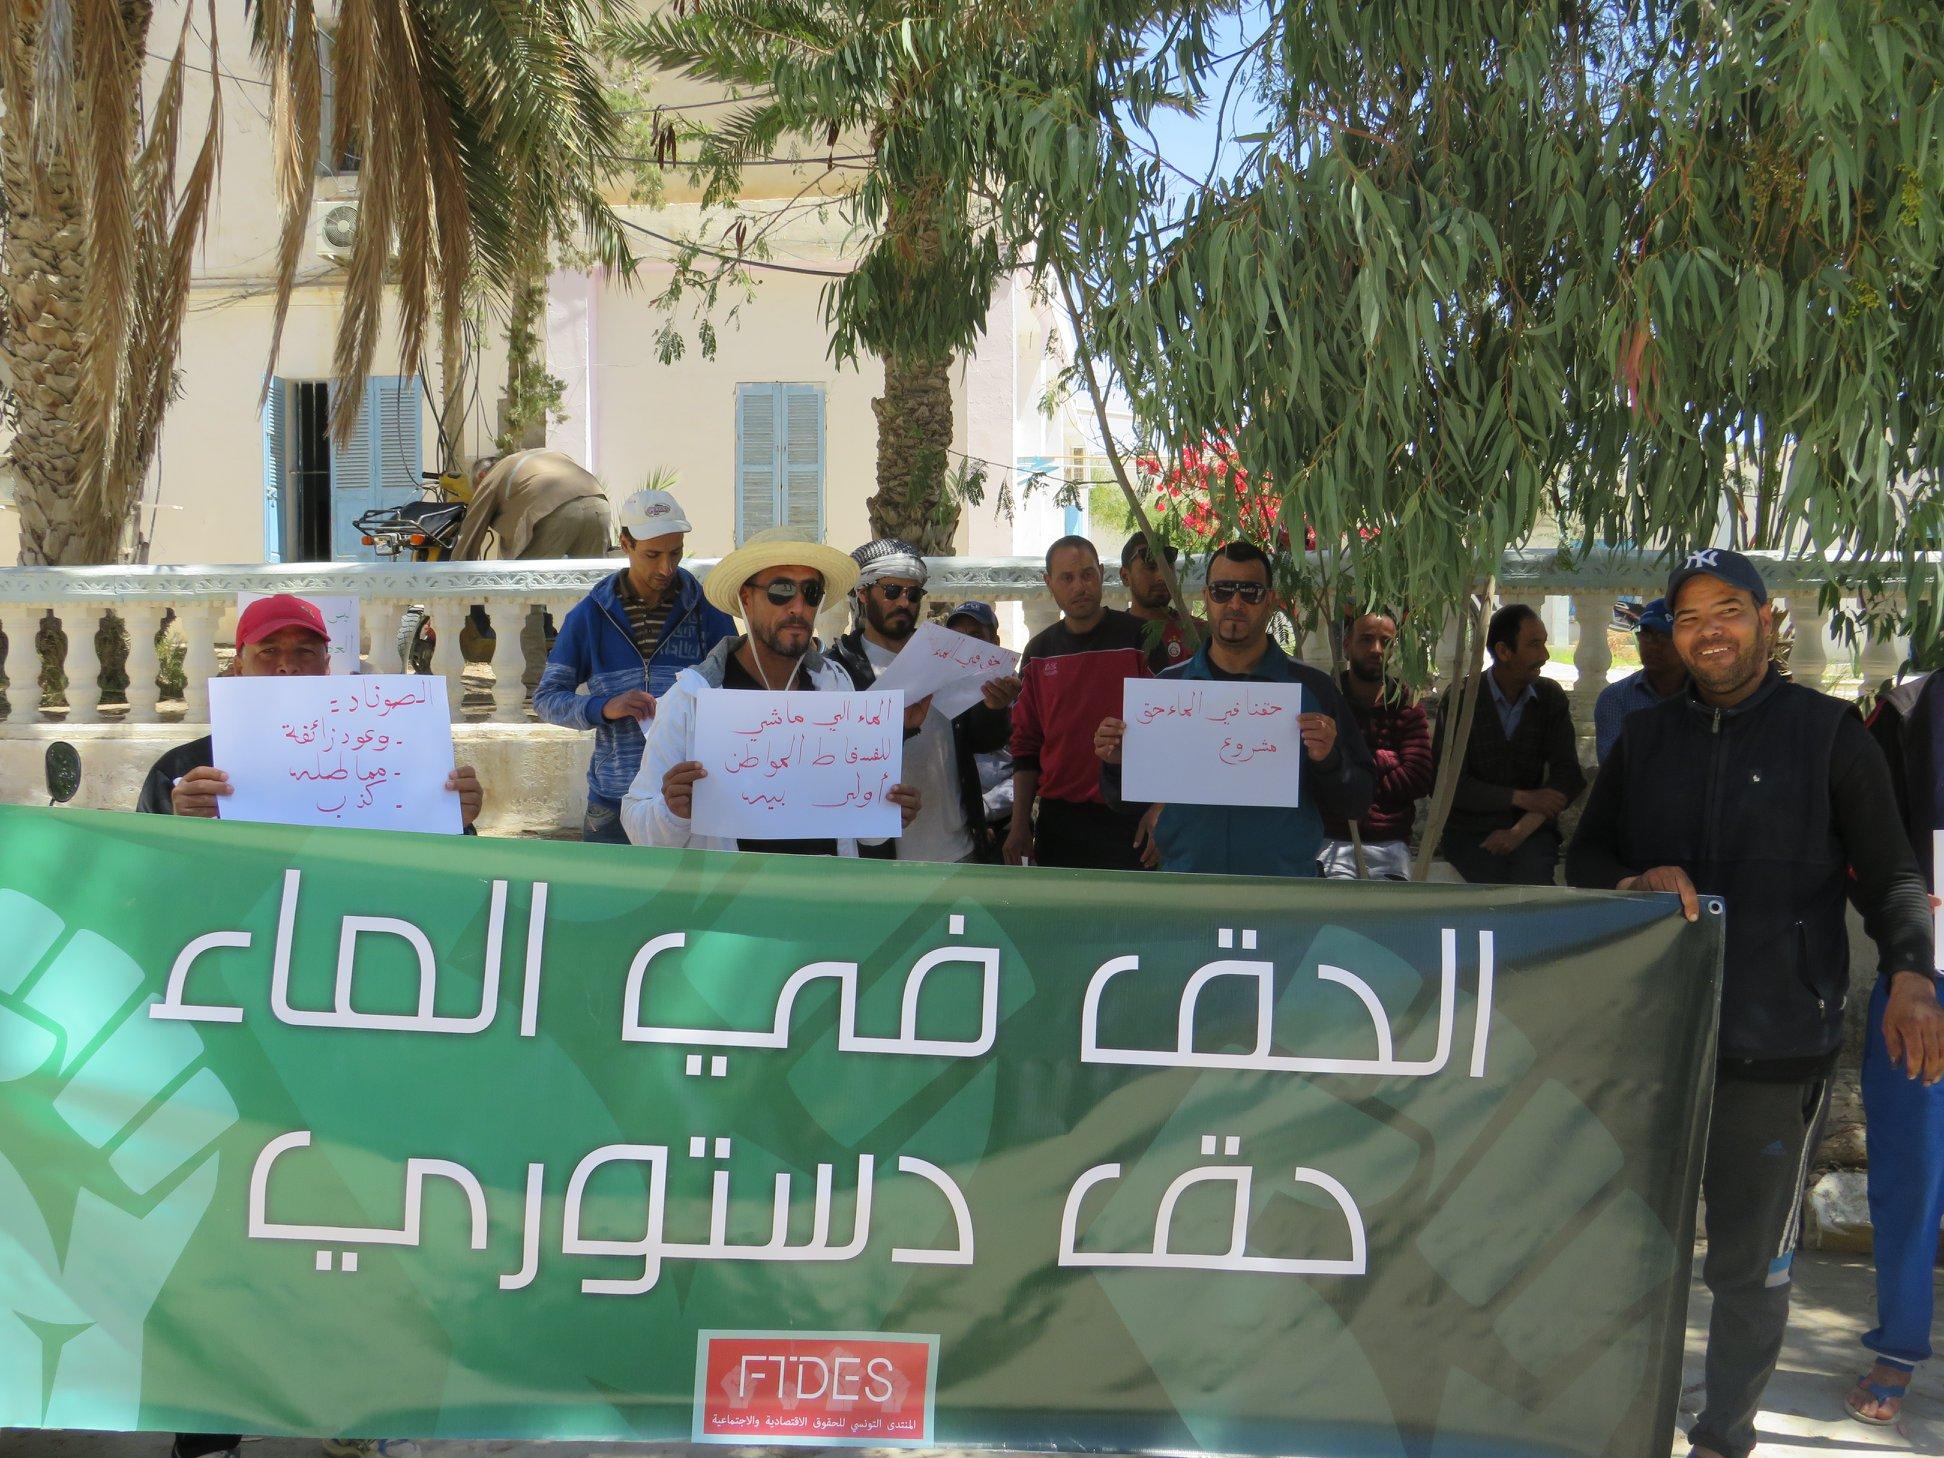 """الرديّف: الأهالي يحتجّون ويرفعون شعار """"الماء الماشي للفسفاط المواطن أولى بيه"""""""